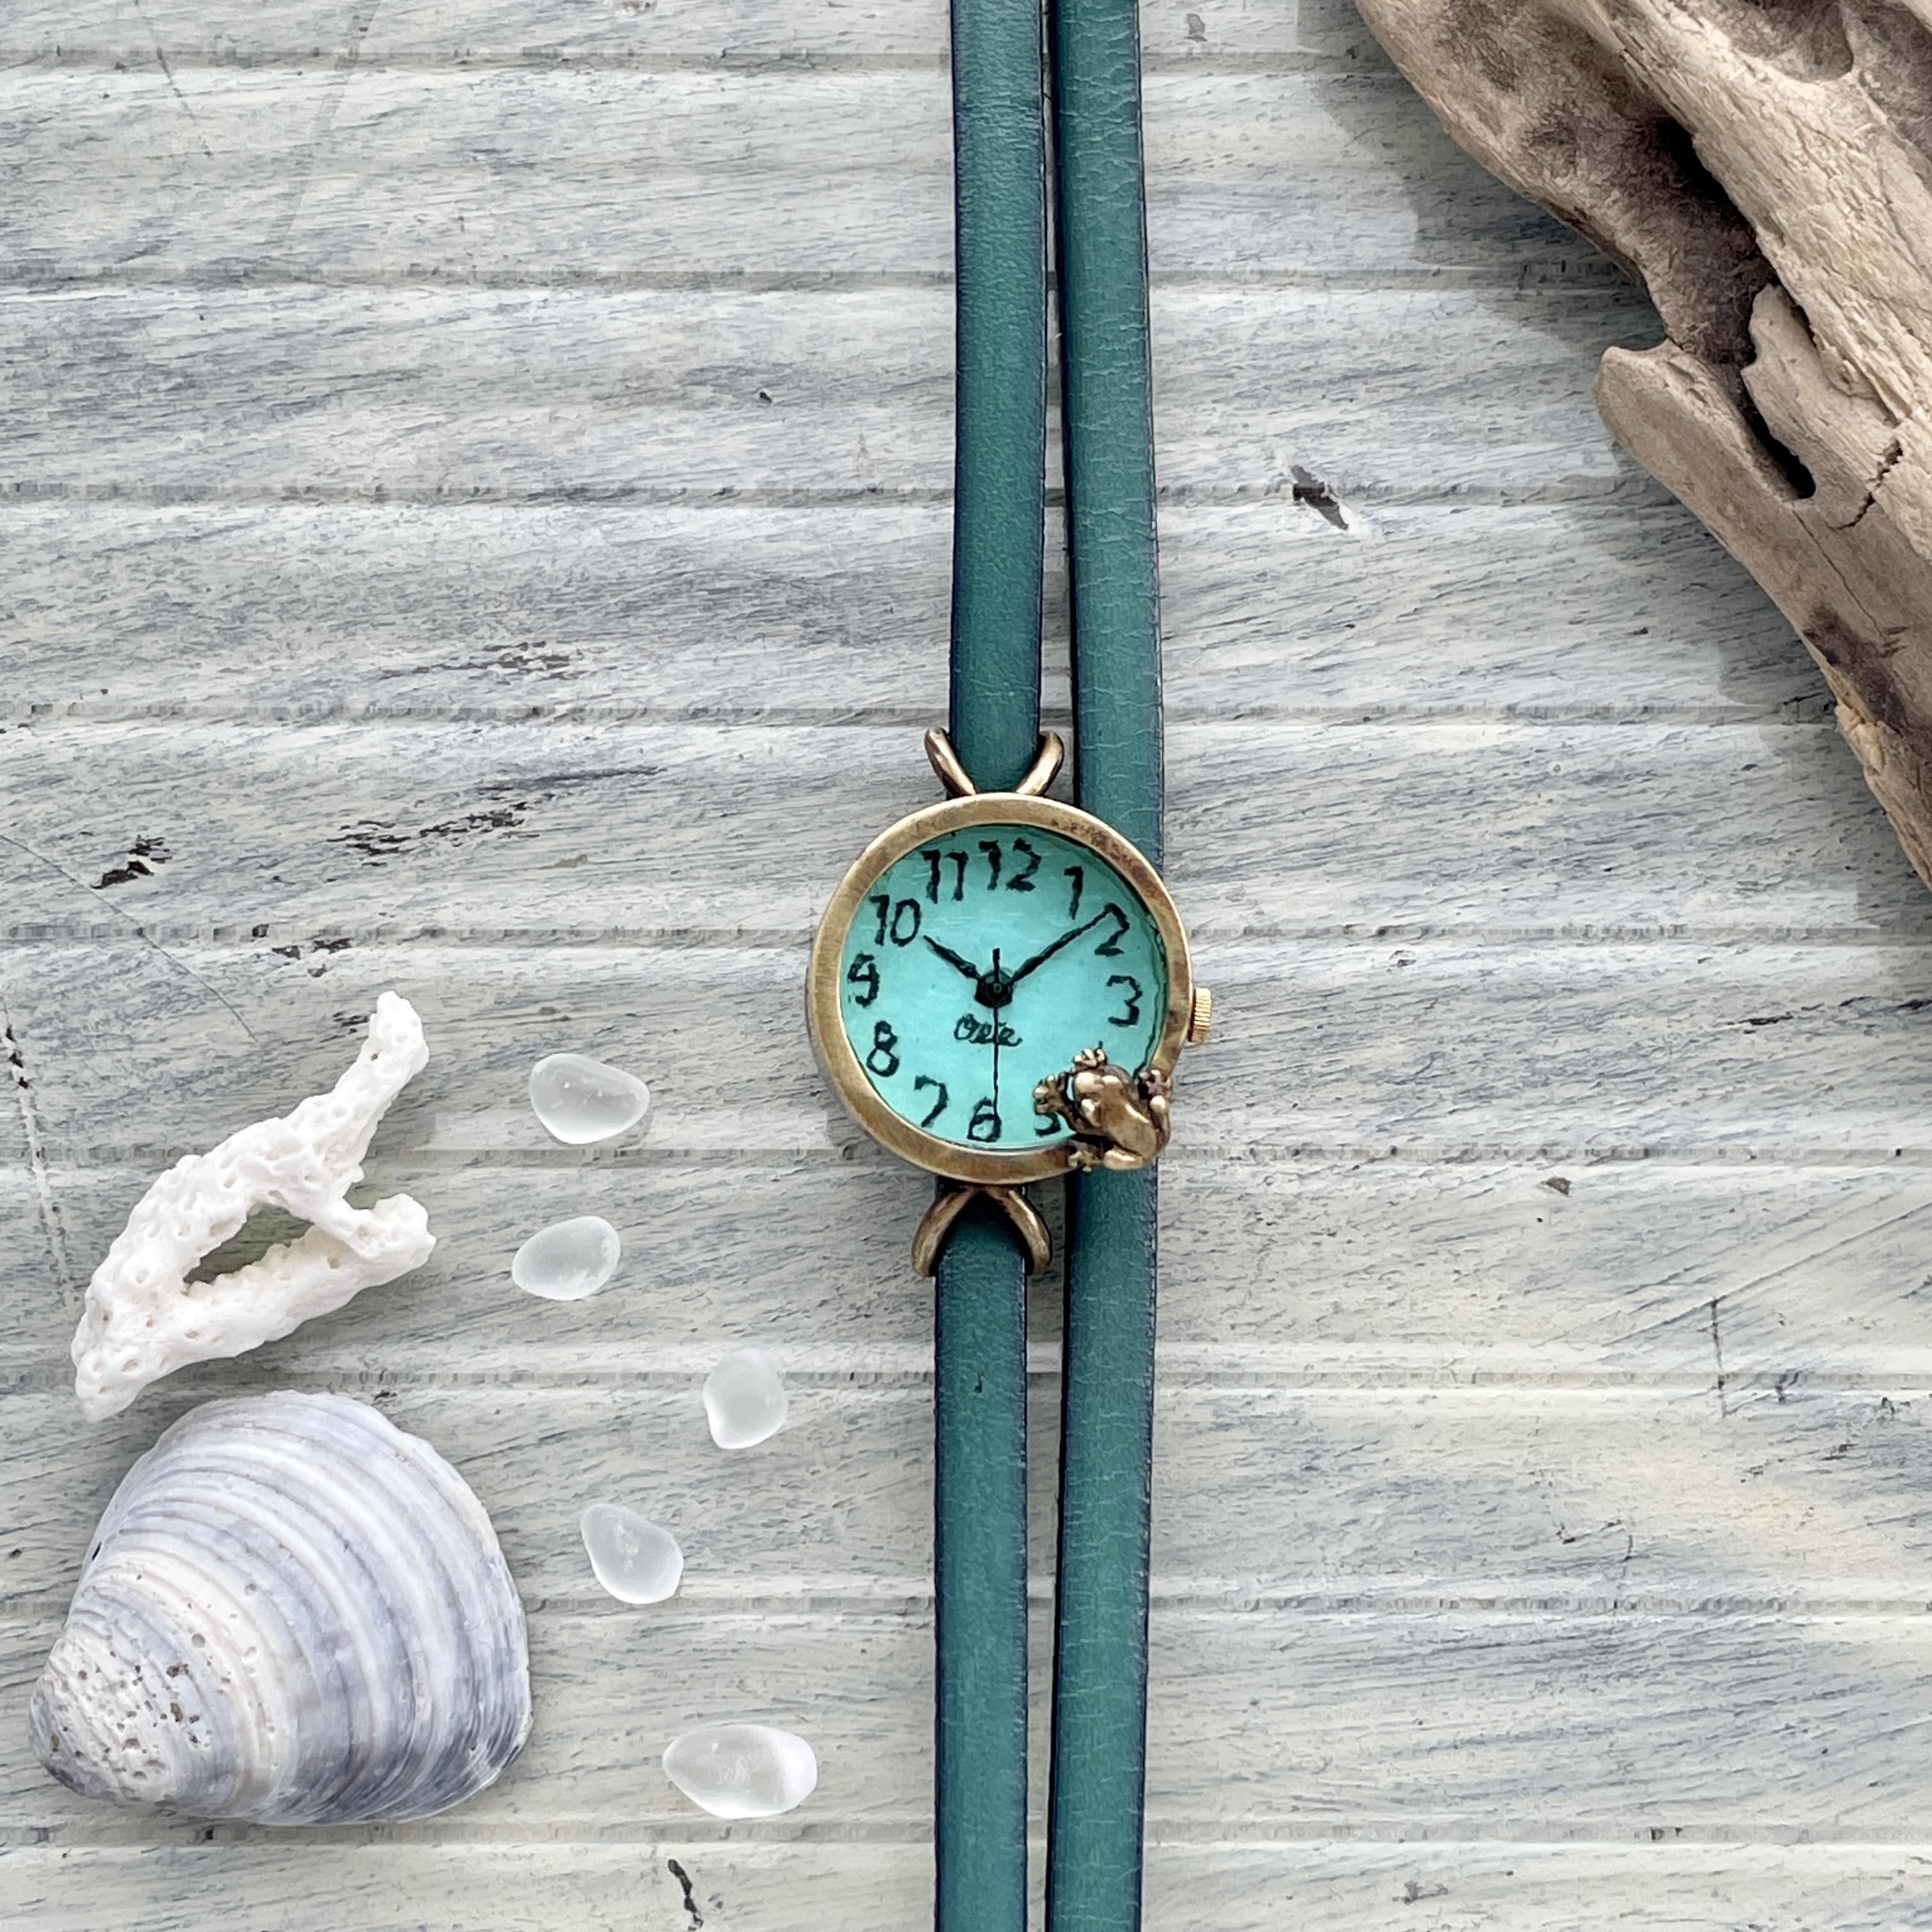 池をのぞく蛙腕時計ラムネSS